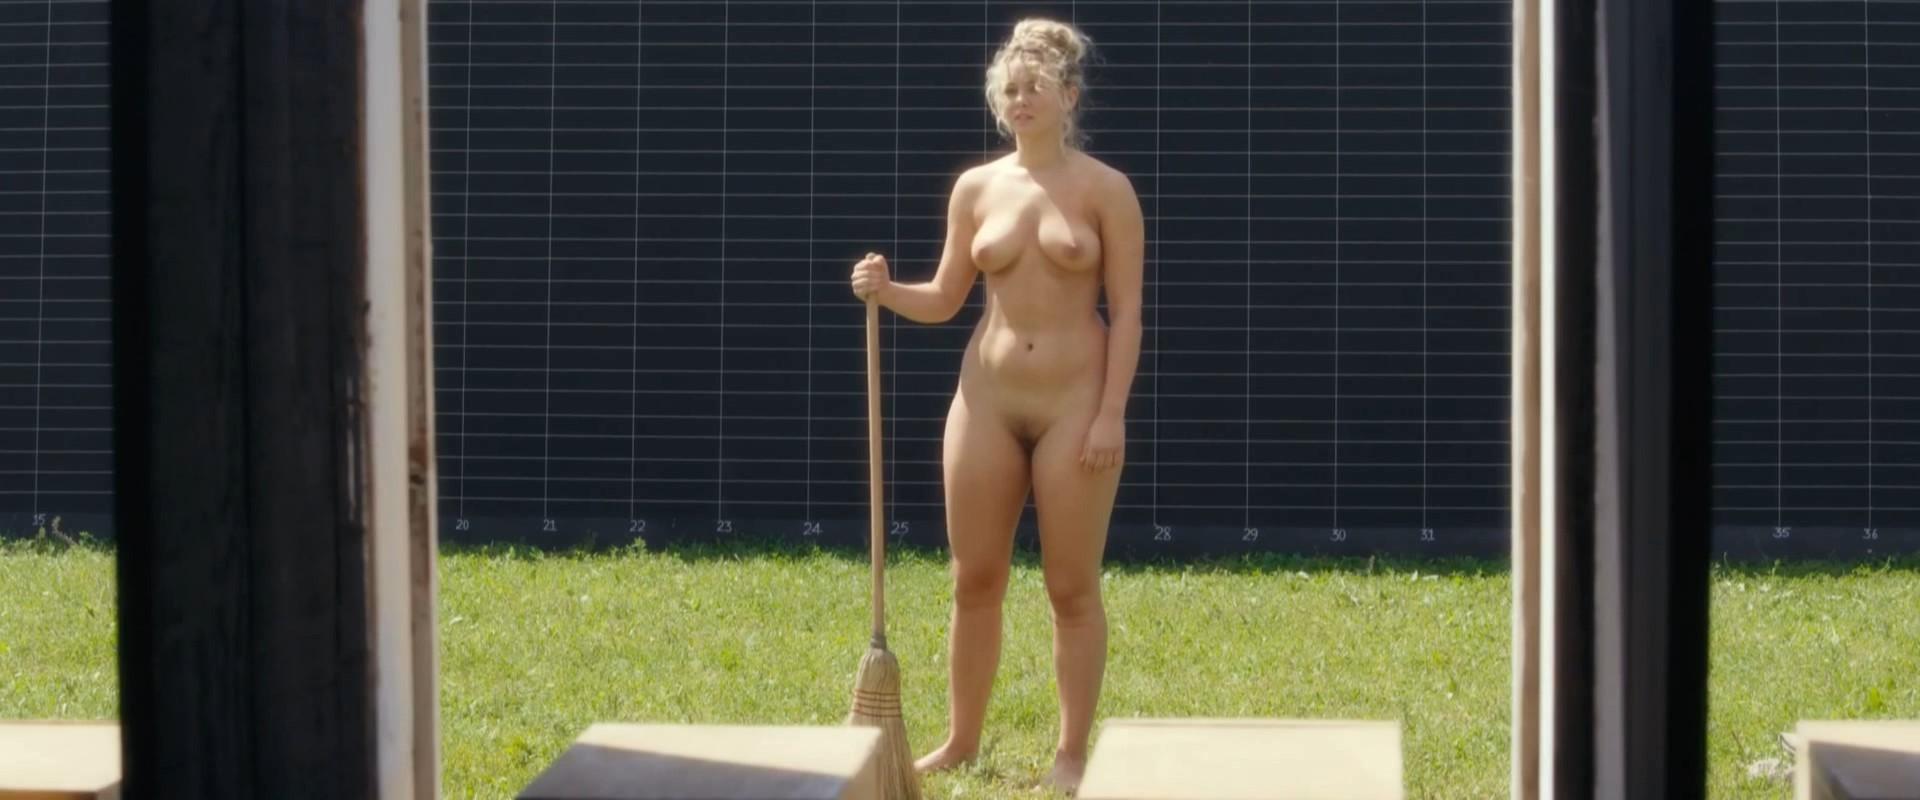 Sofia helin nude